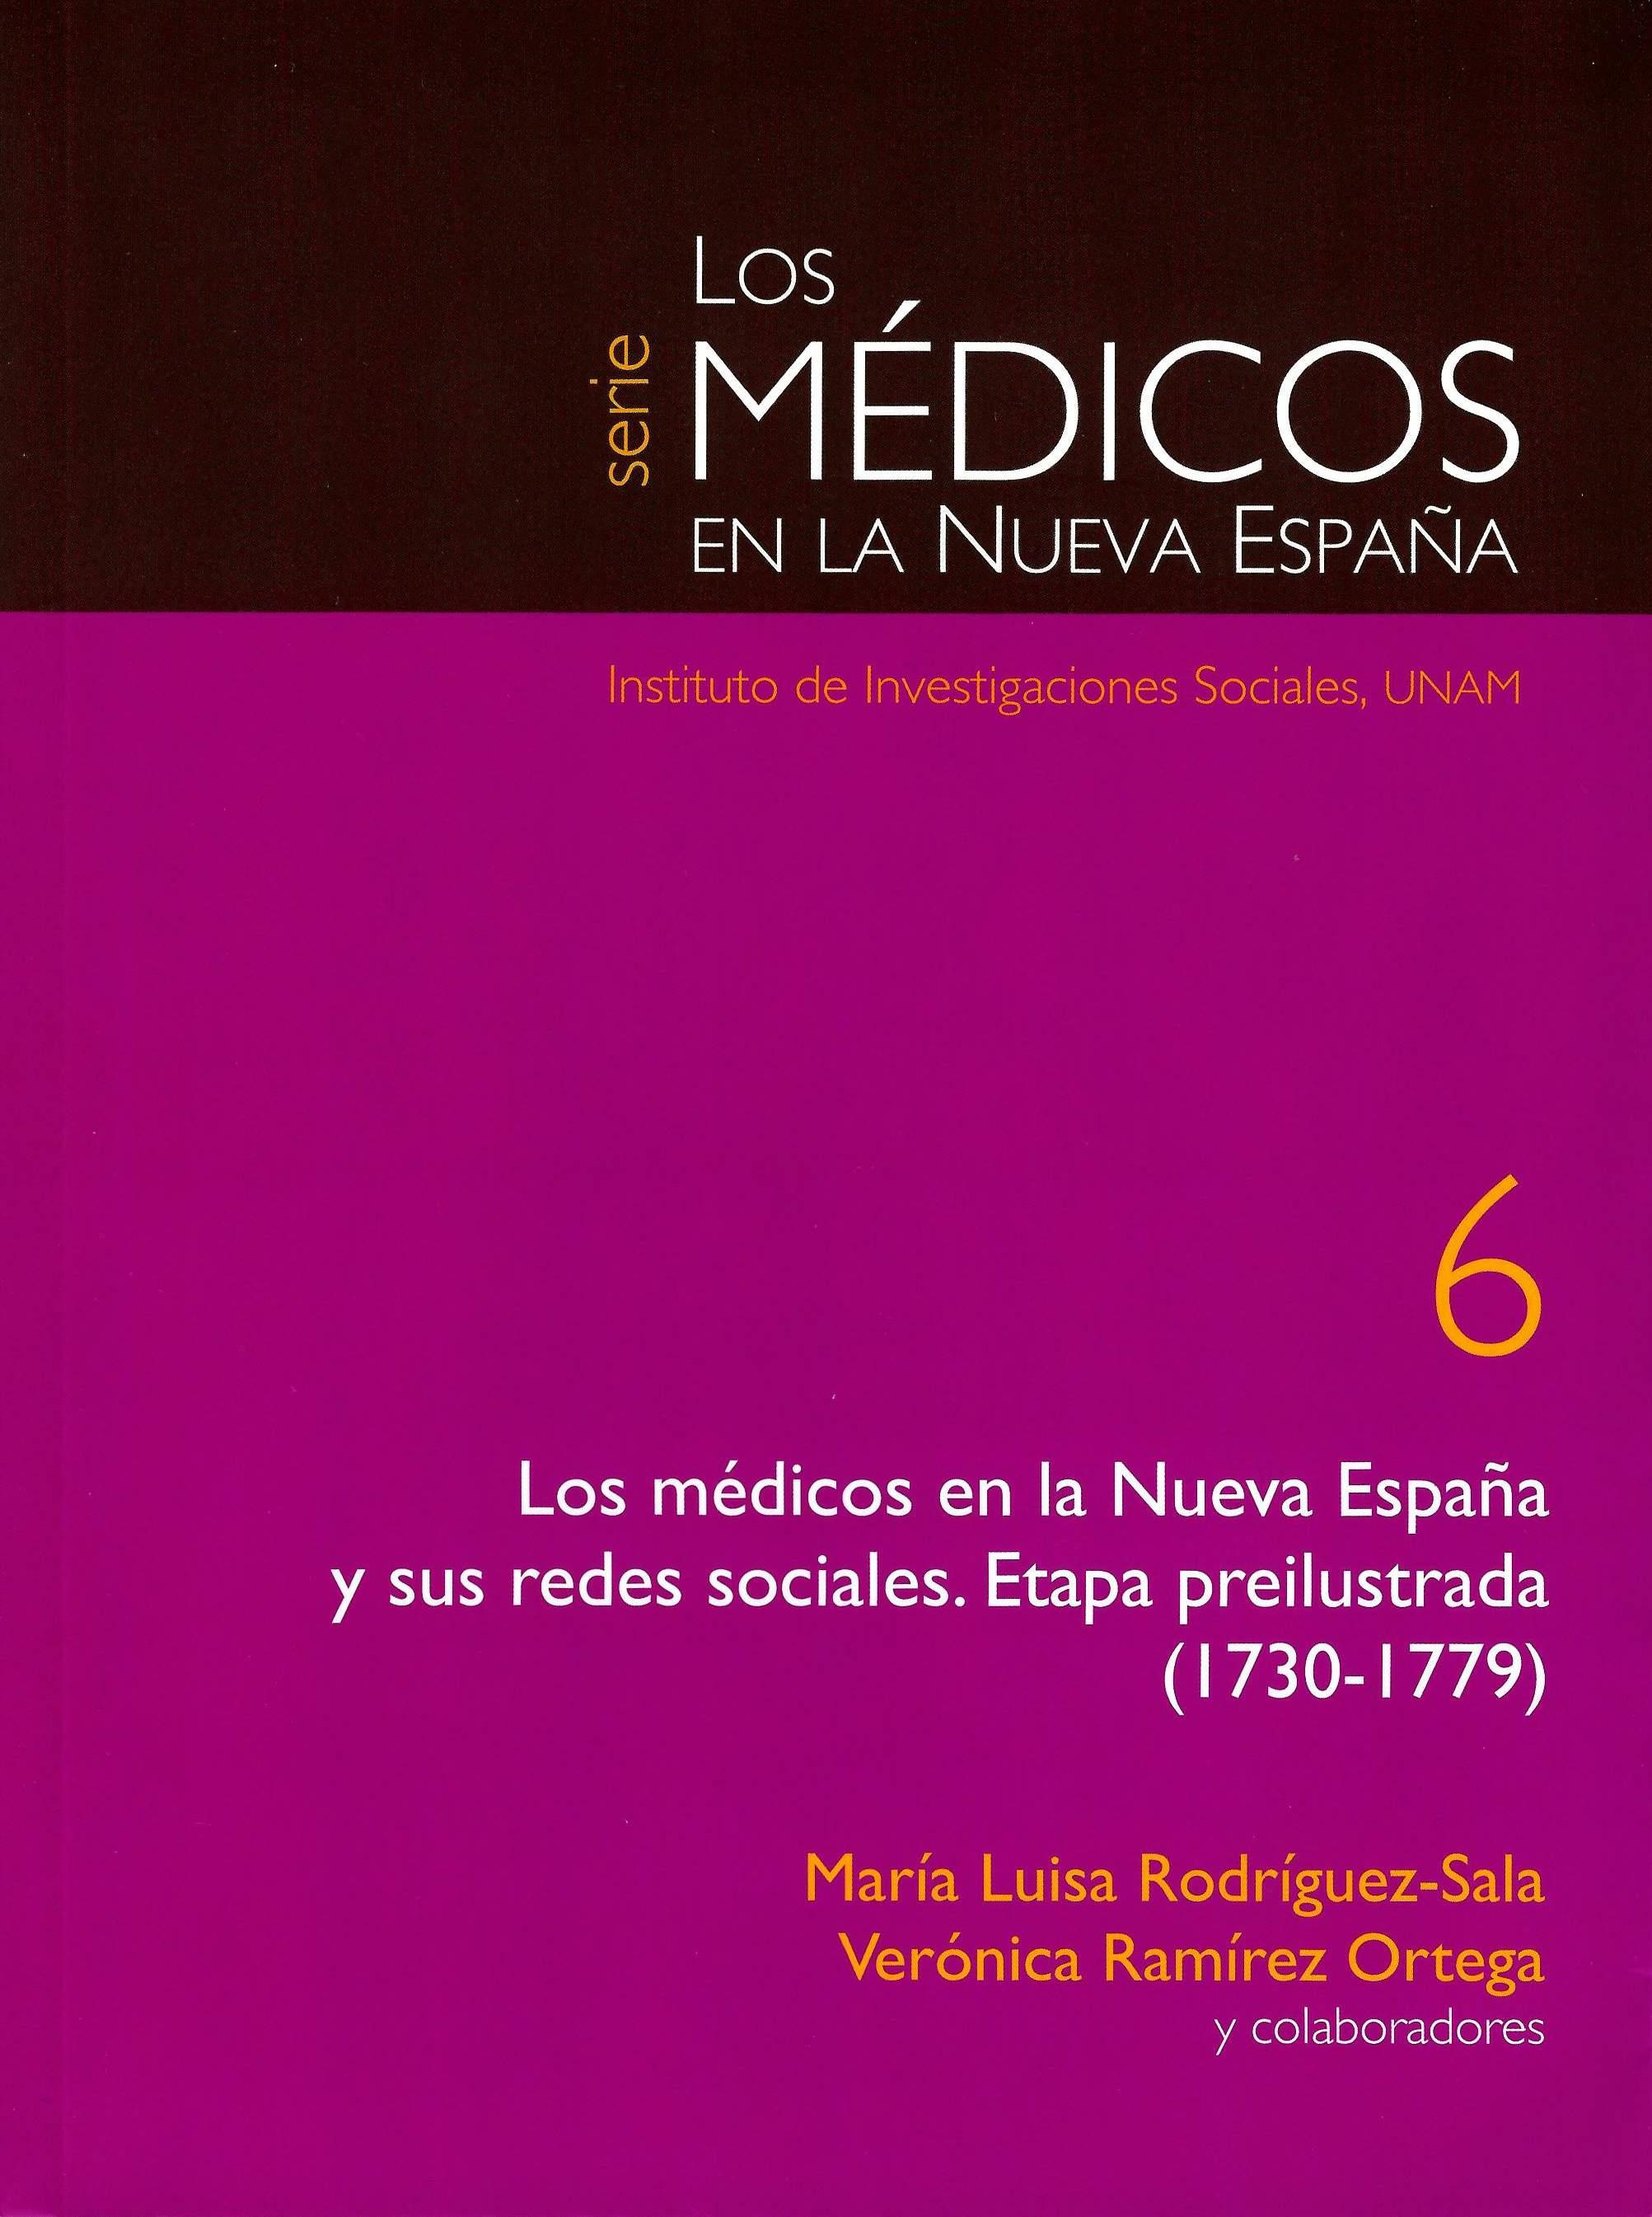 Los médicos en la Nueva España y sus redes sociales: etapa preilustrada (1730-1779)